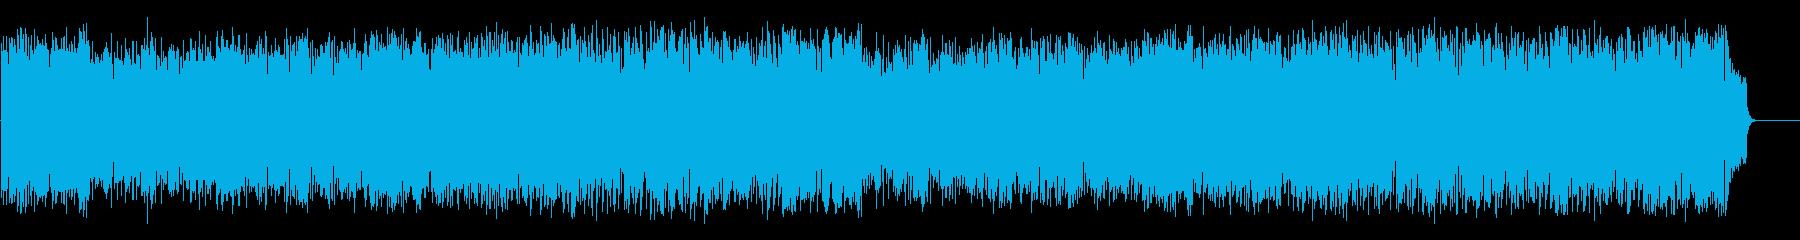 ハツラツな8ビートポップ(フルサイズ)の再生済みの波形